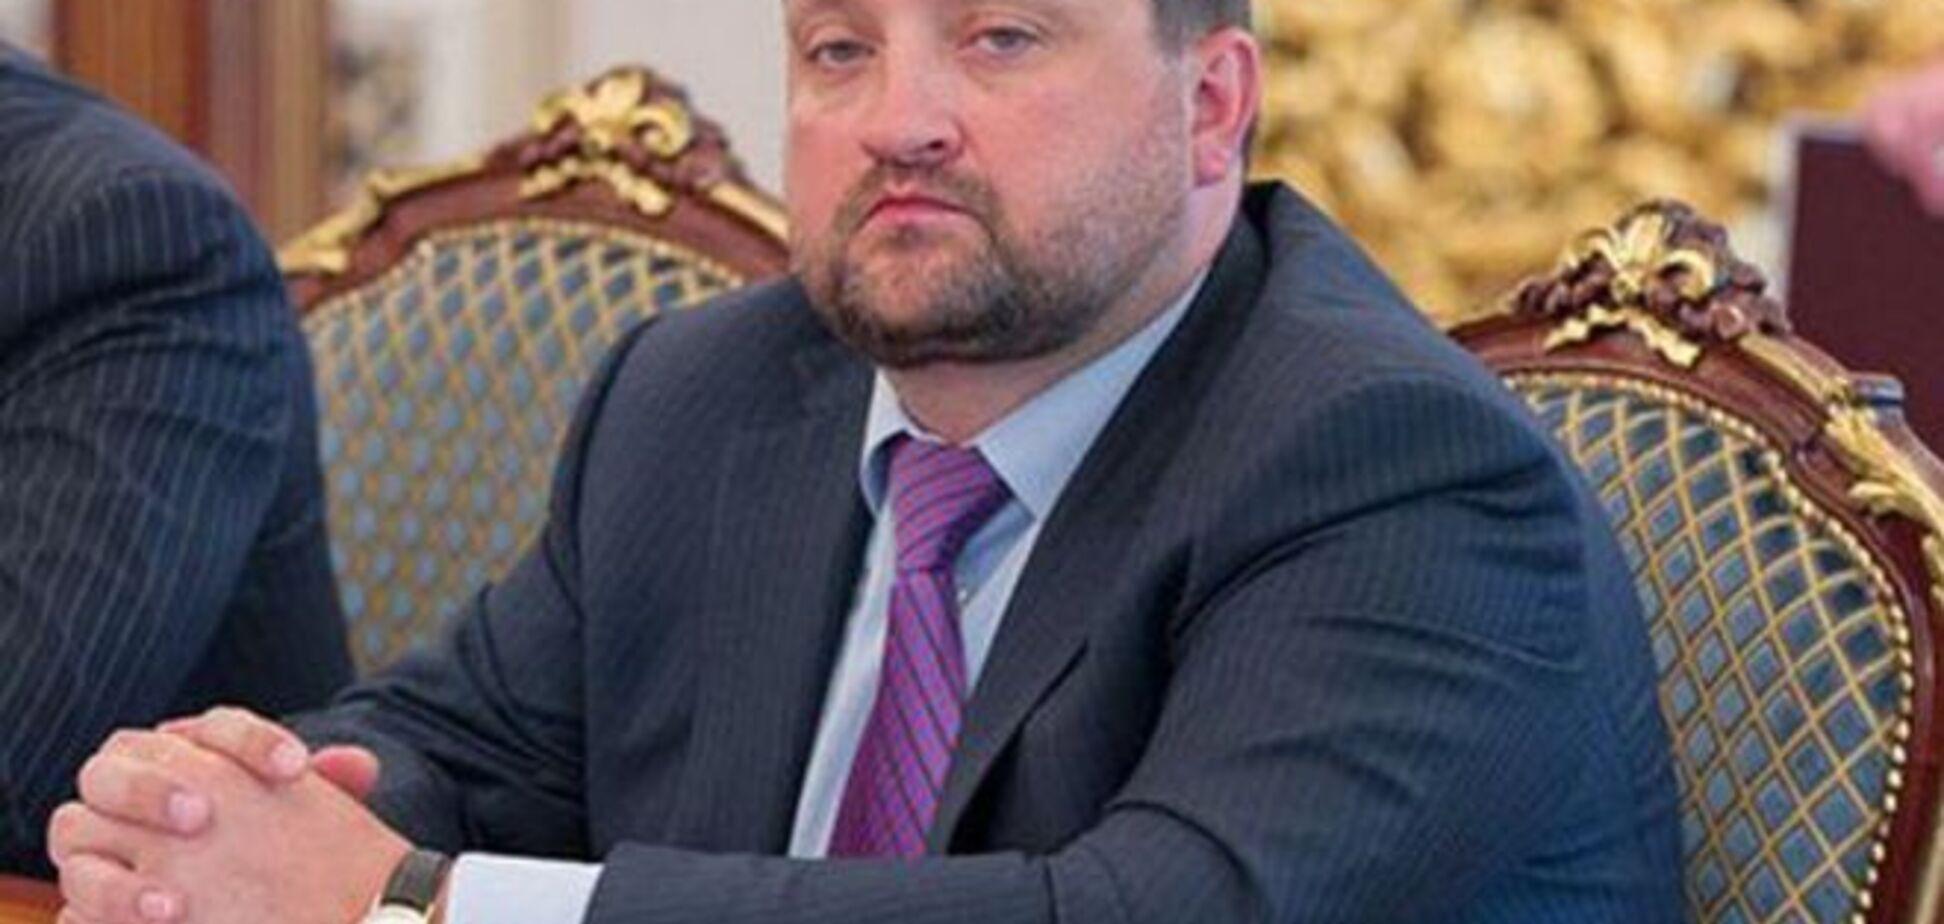 ГПУ обещает вскоре начать заочный суд над Арбузовым и Богатыревой